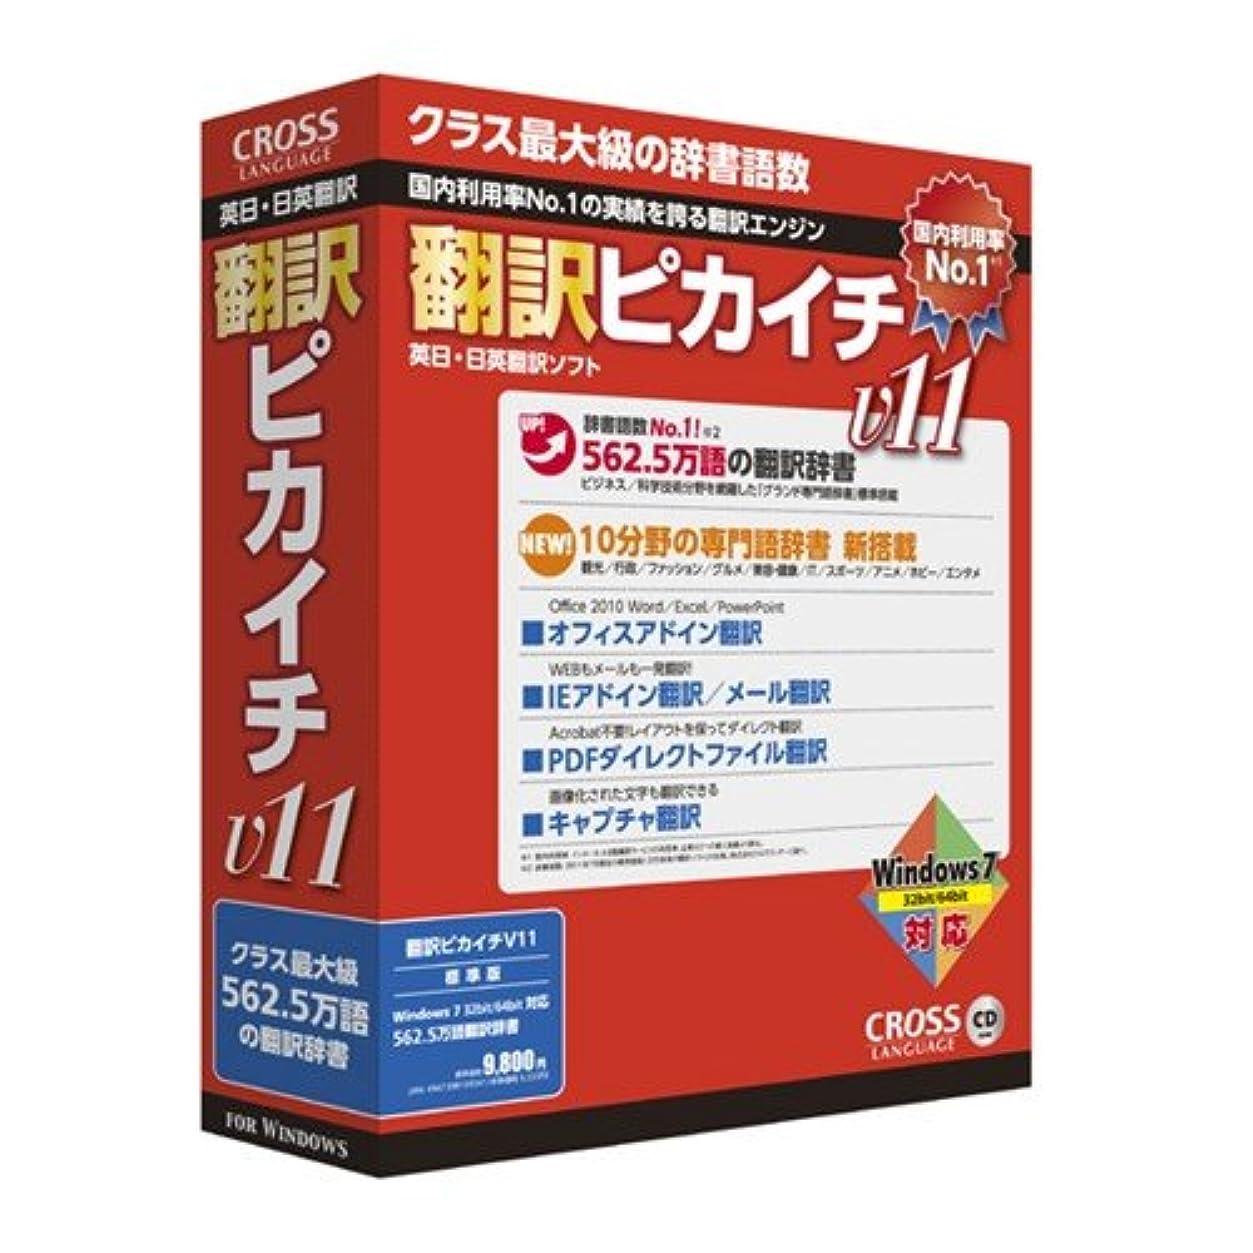 スキャンダラスセットアップ勝者翻訳ピカイチV11 for Windows